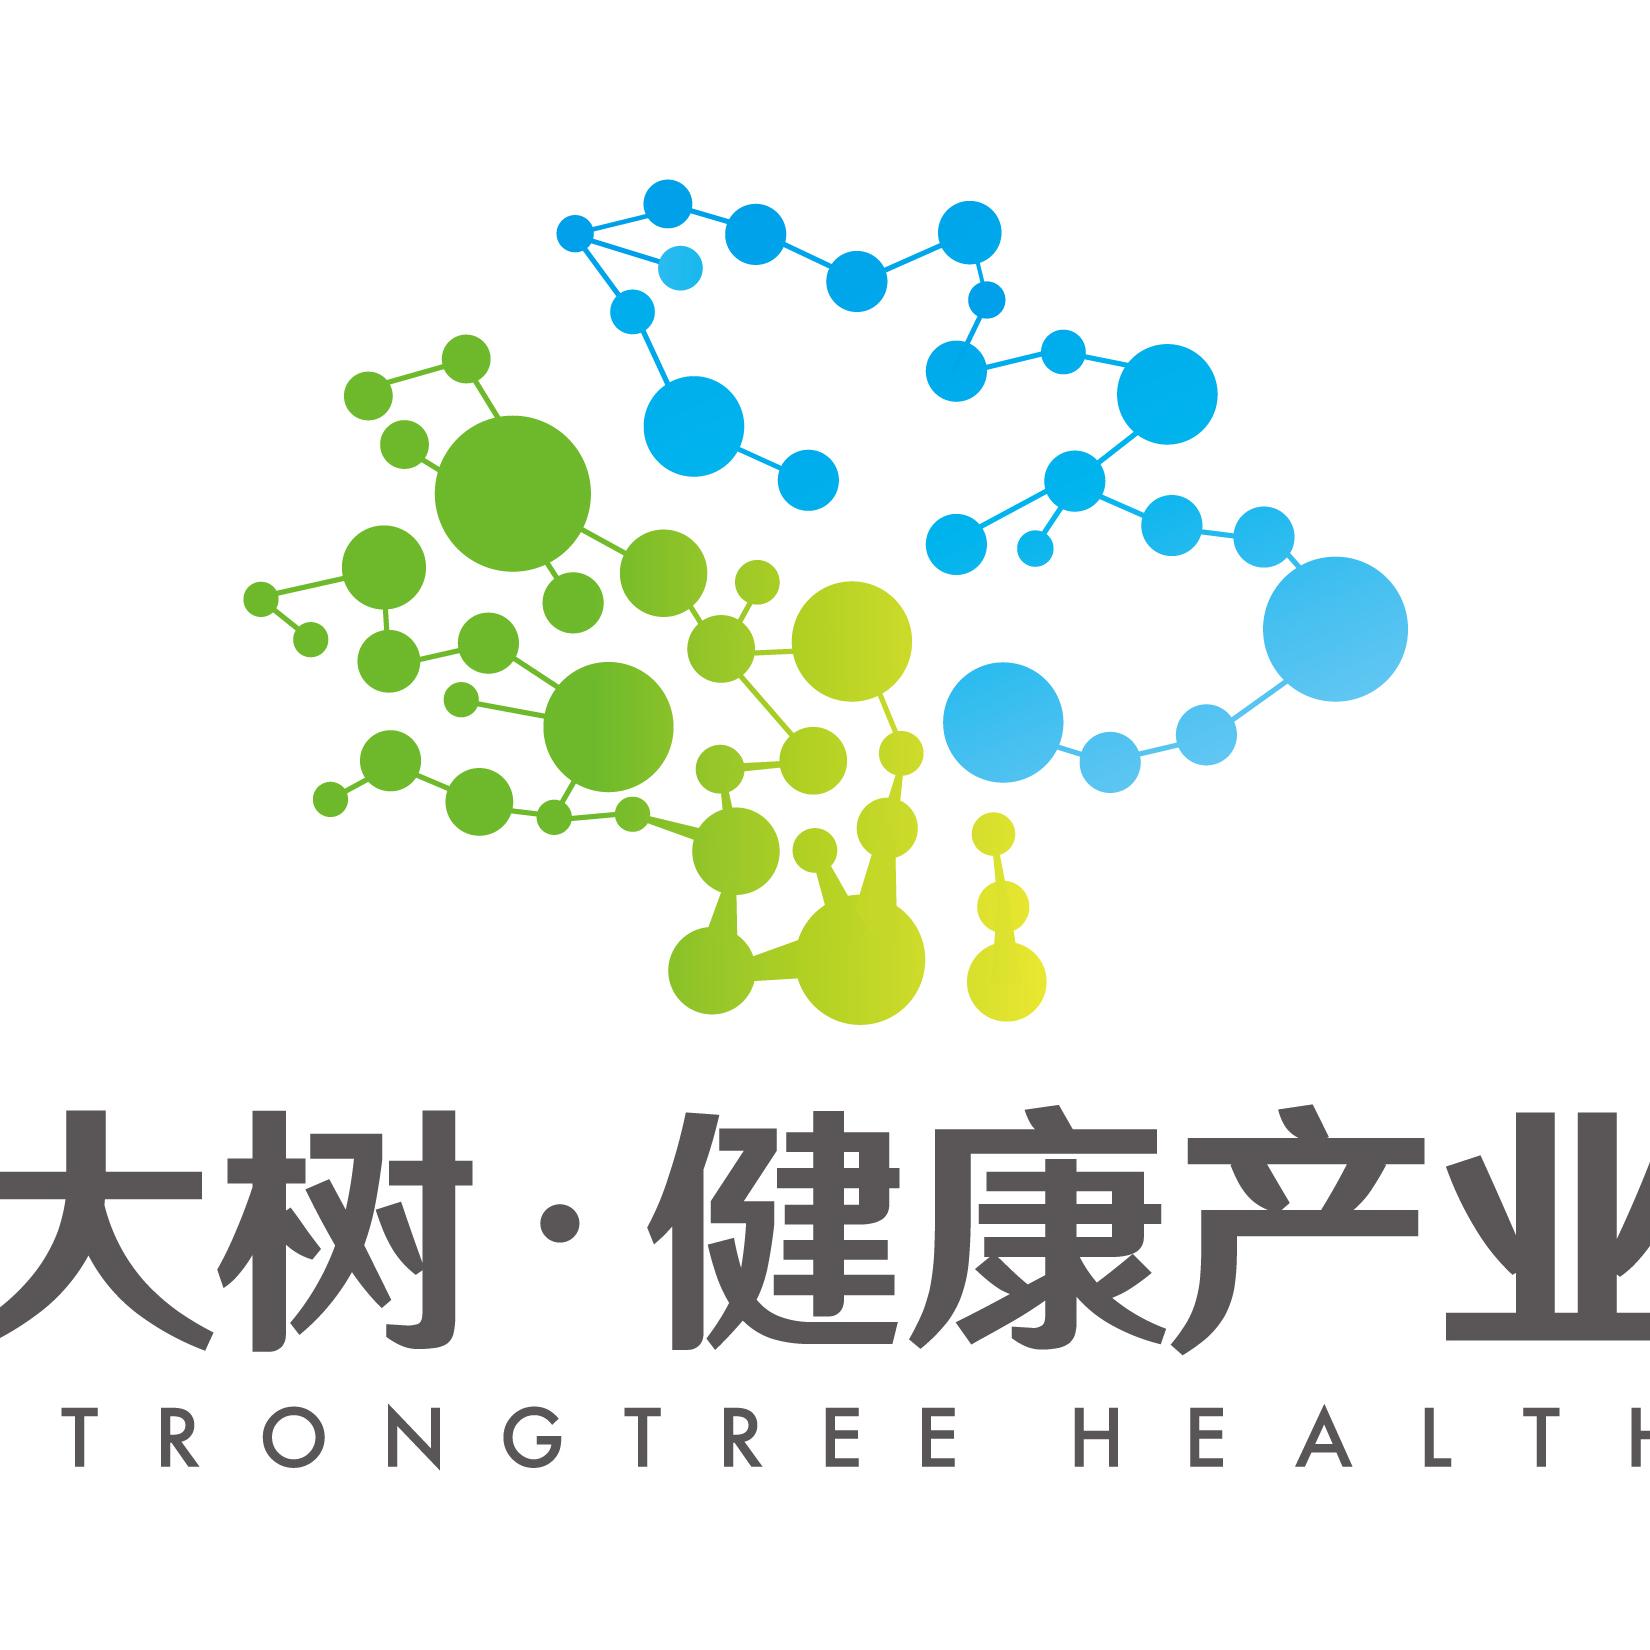 浙江大树健康产业发展有限公司